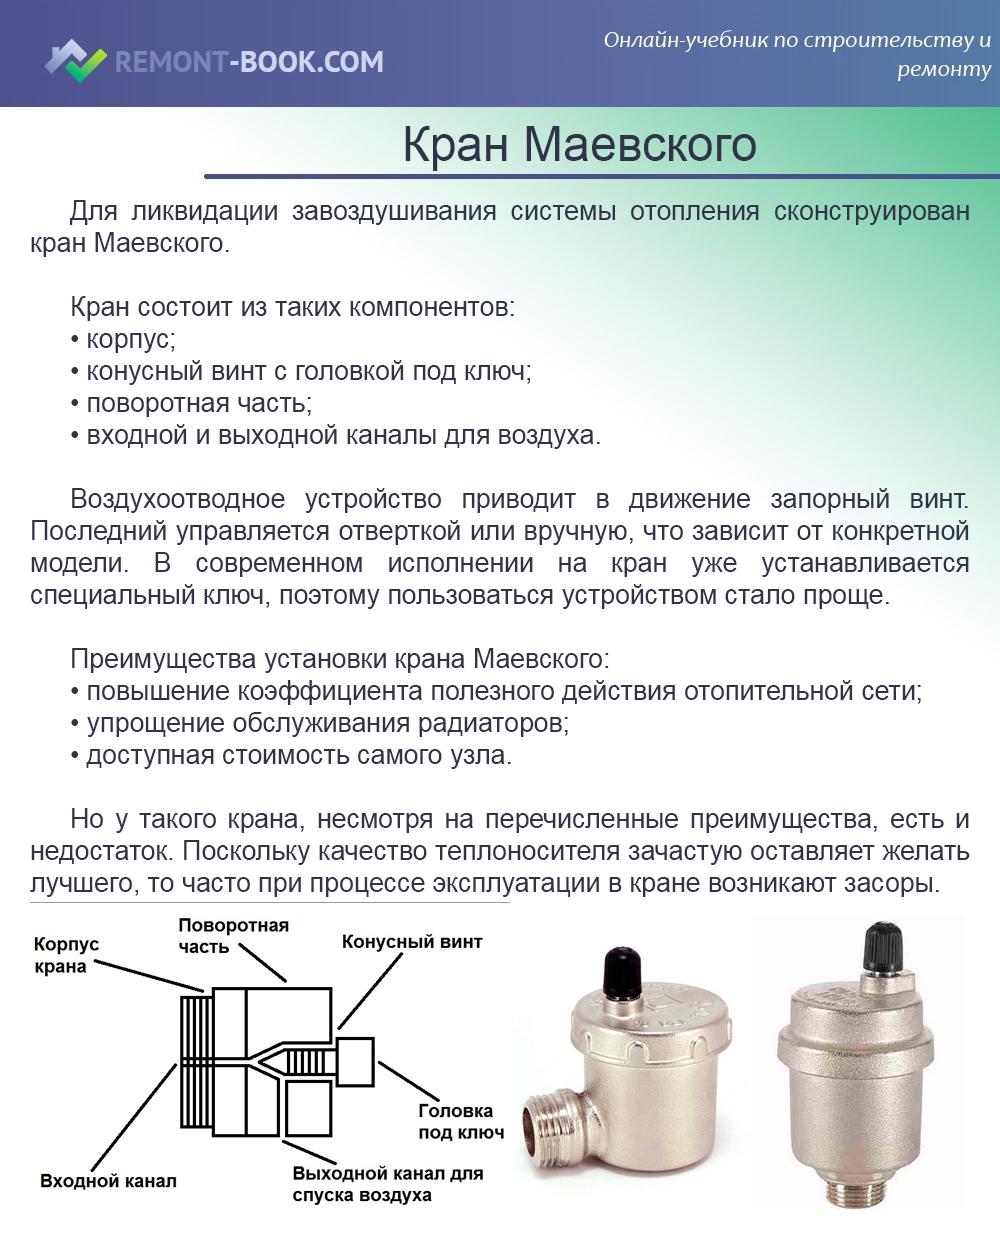 Краны маевского: принцип работы и особенности